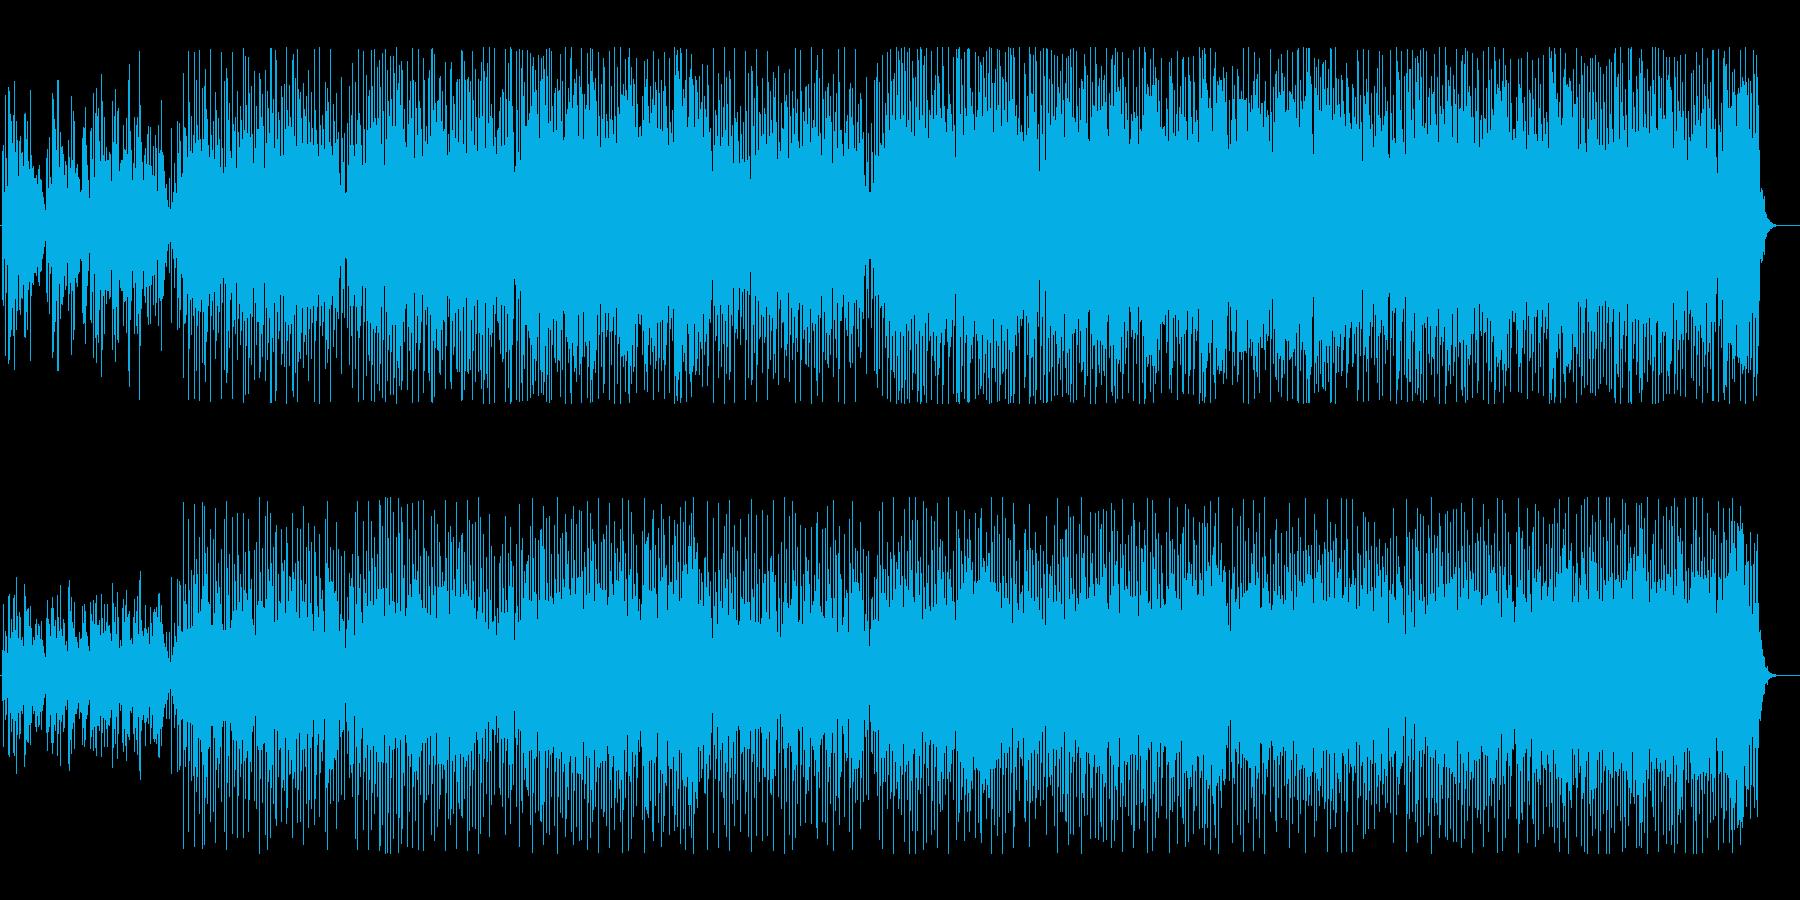 歌詞を入れれそうな和風BGMの再生済みの波形